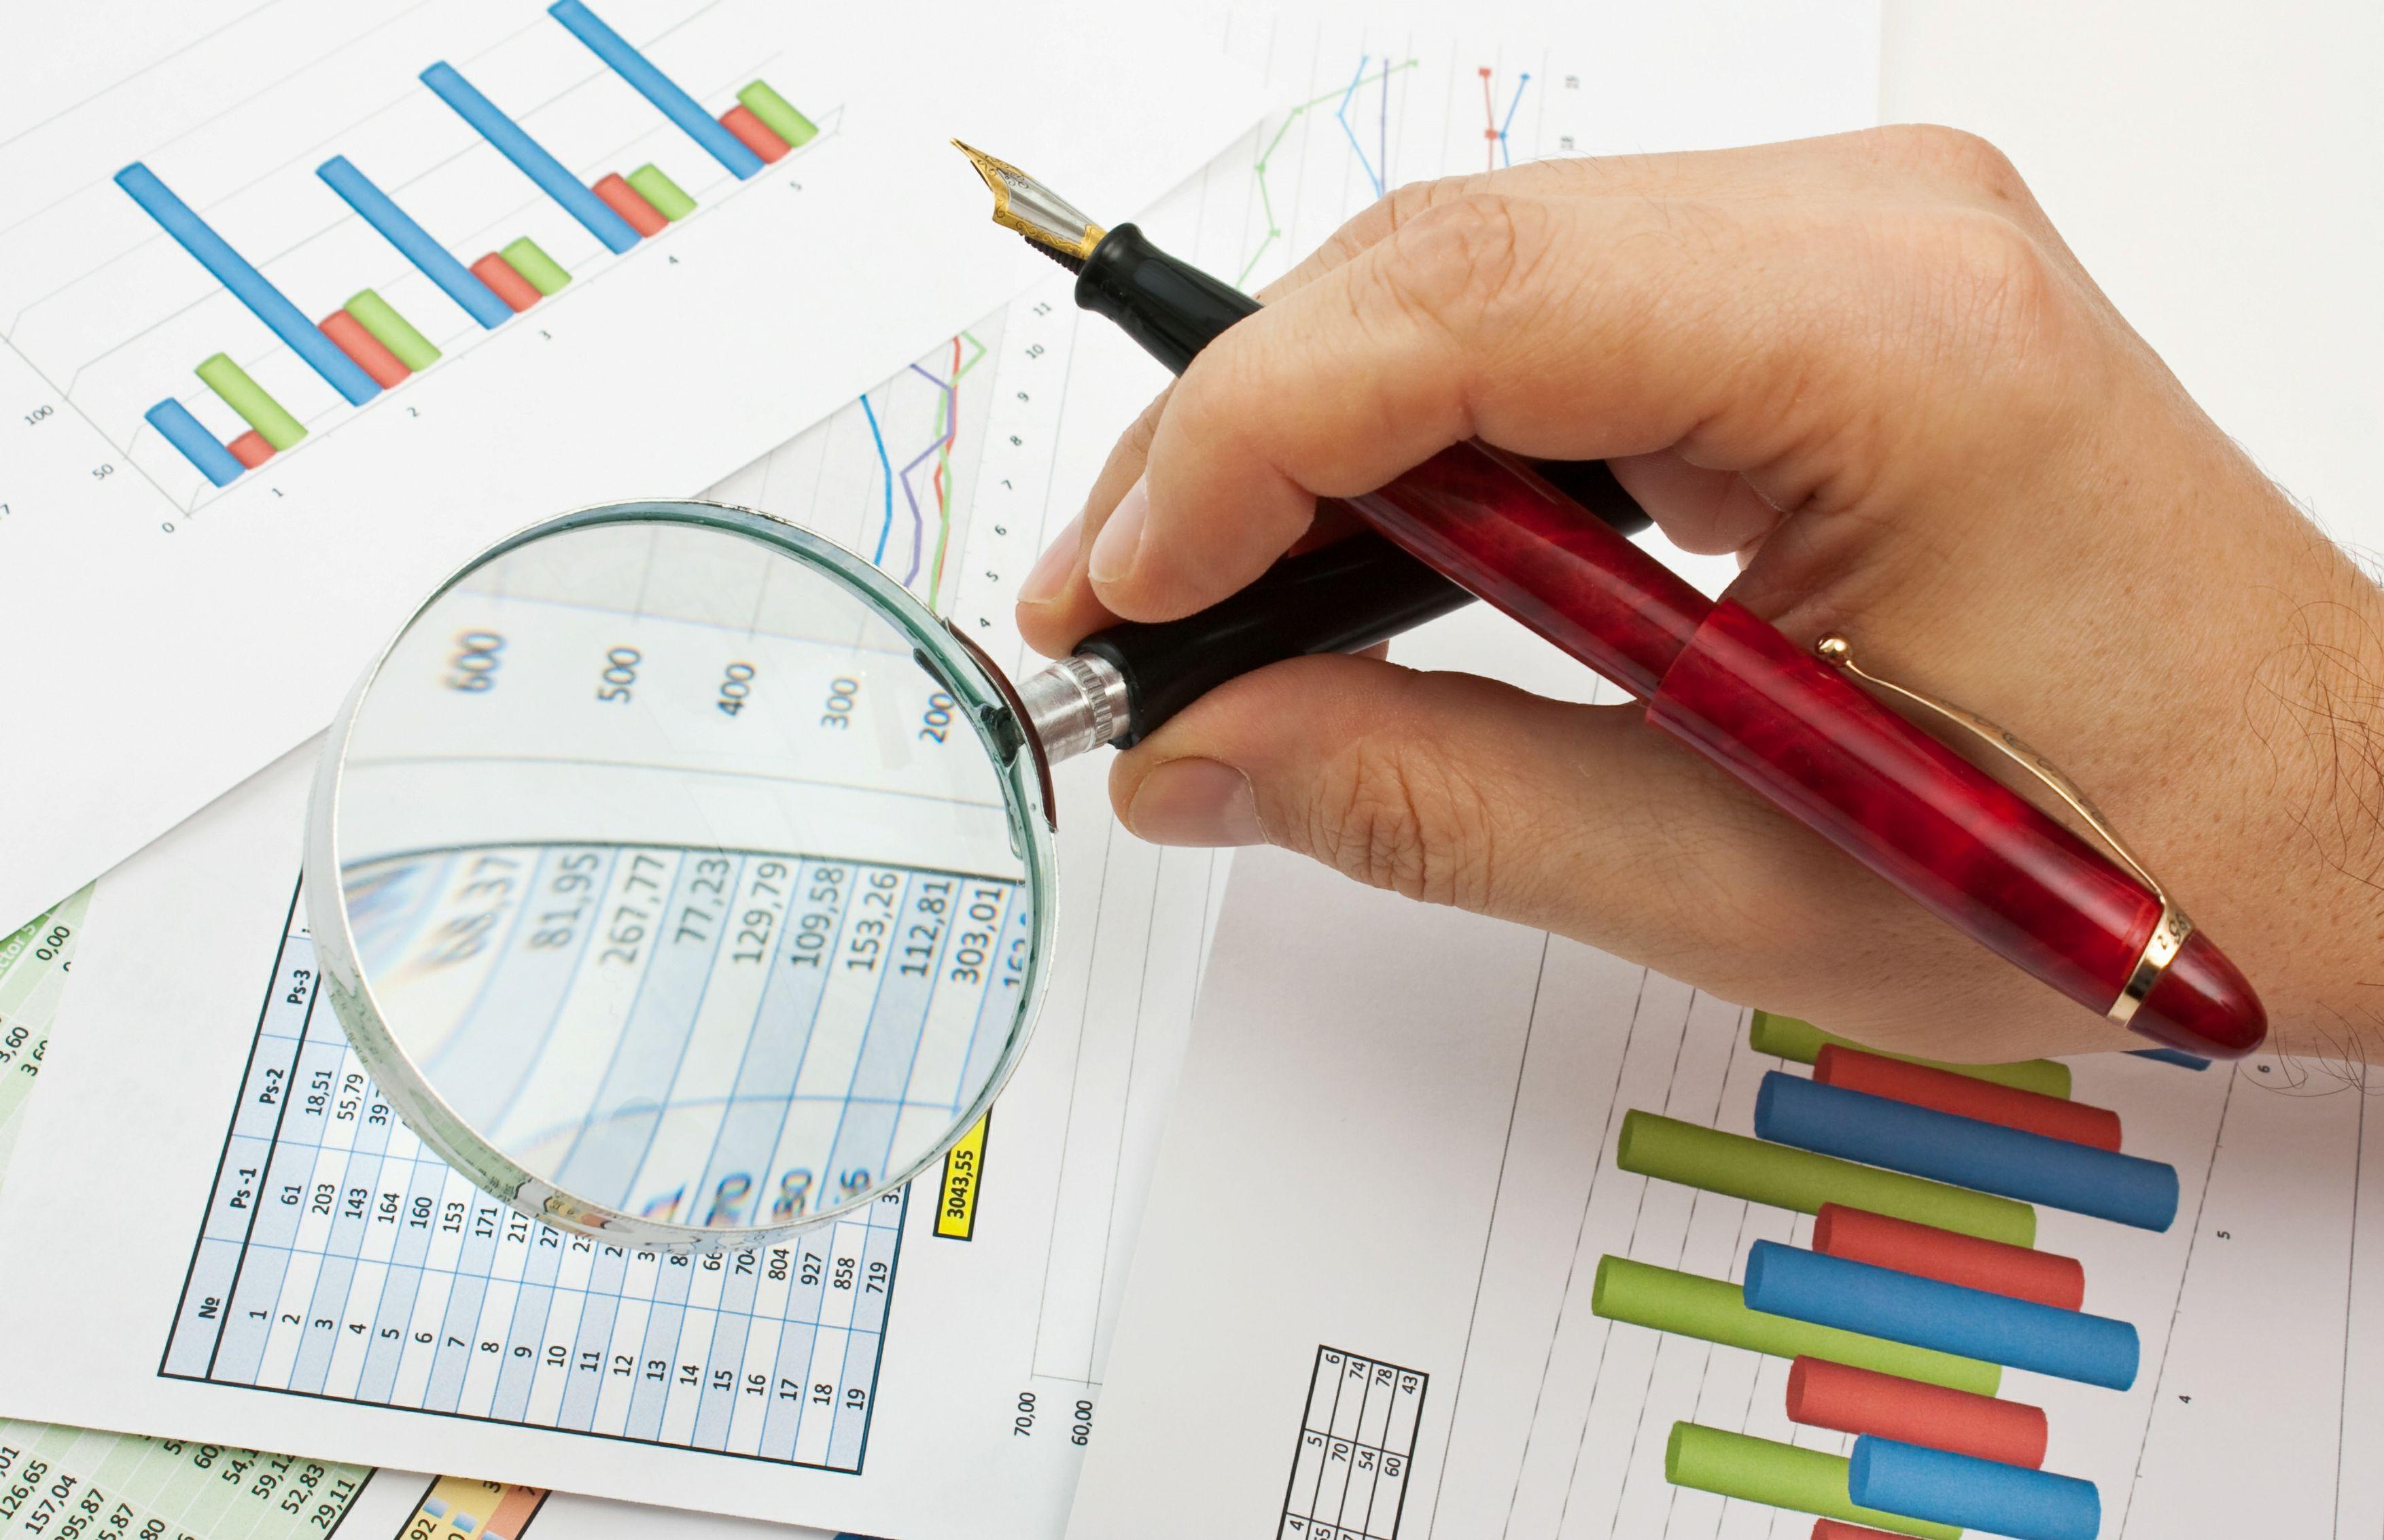 格隆汇港股聚焦(12.2)︱中国恒大11月合约销售升8.8%达370.6亿元 万科企业前11月累计合同销售5735.3亿元